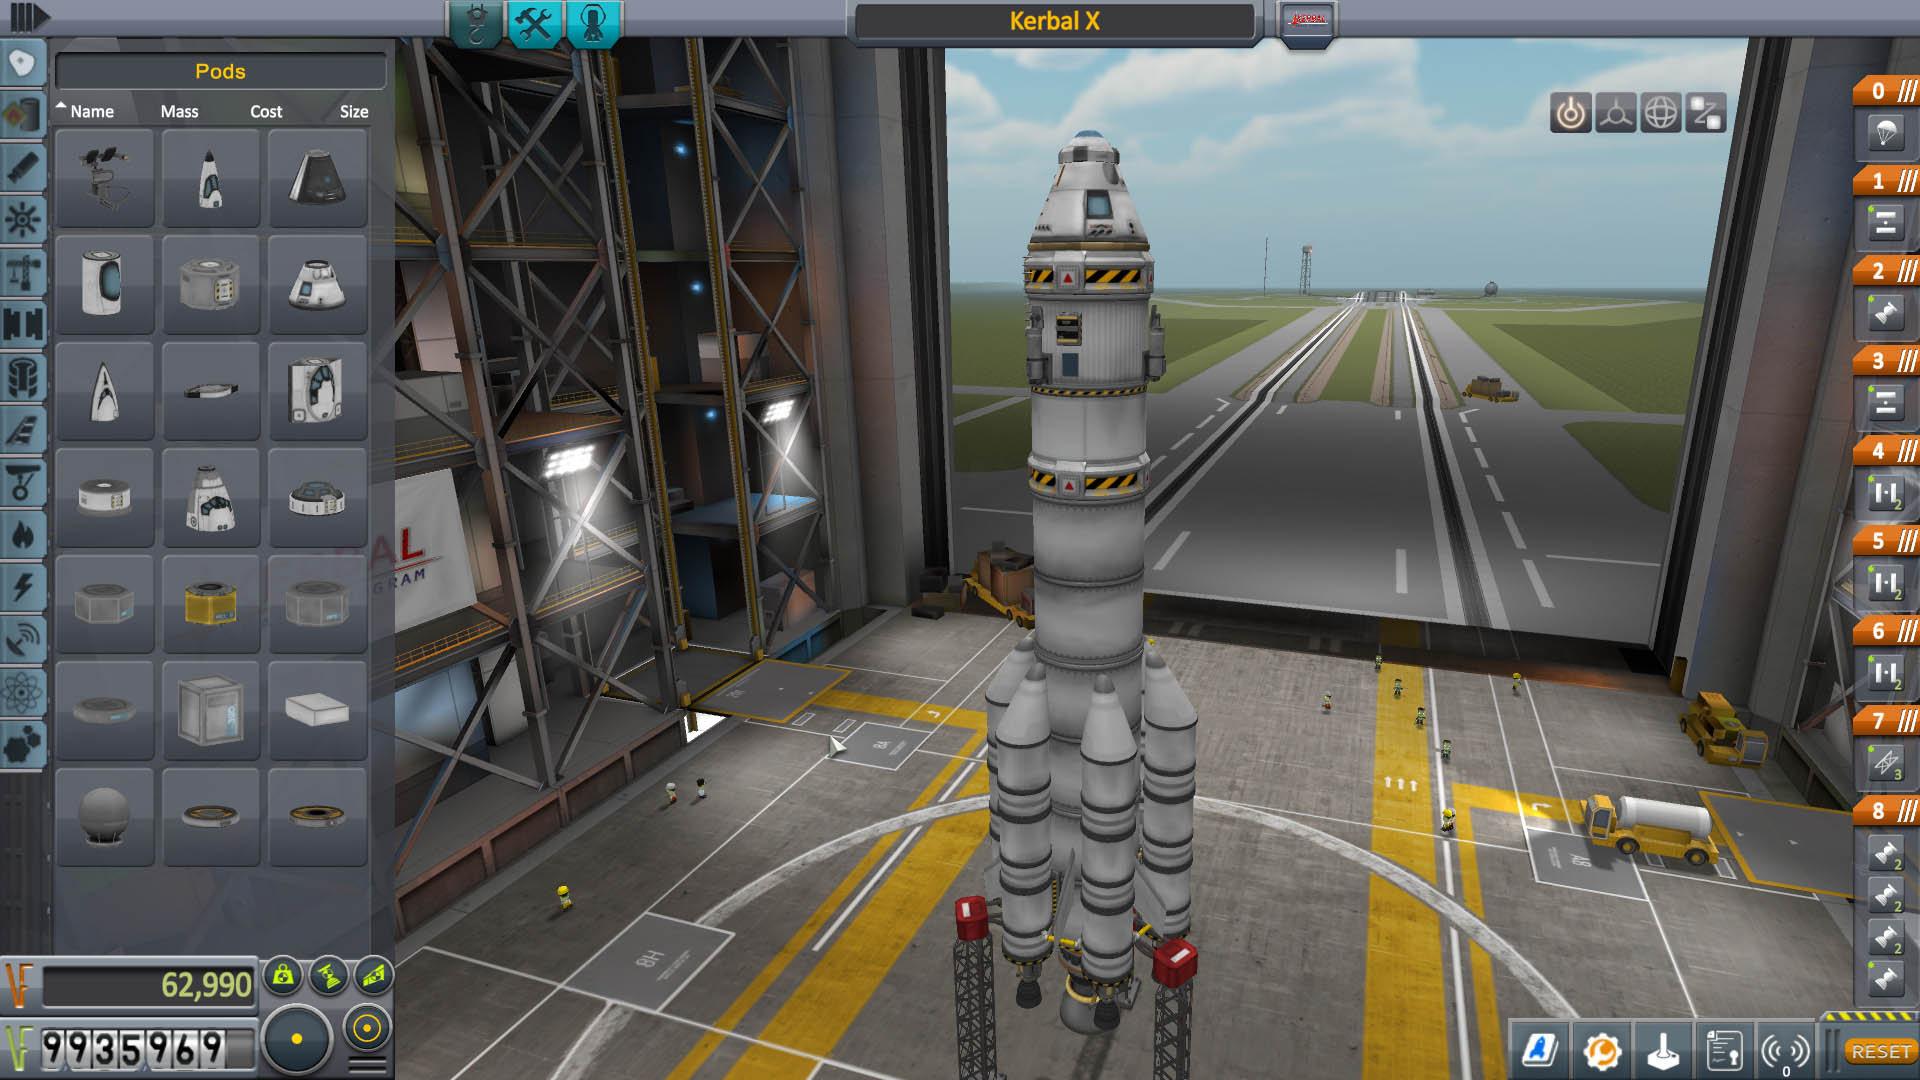 kerbal-space-program-ps4